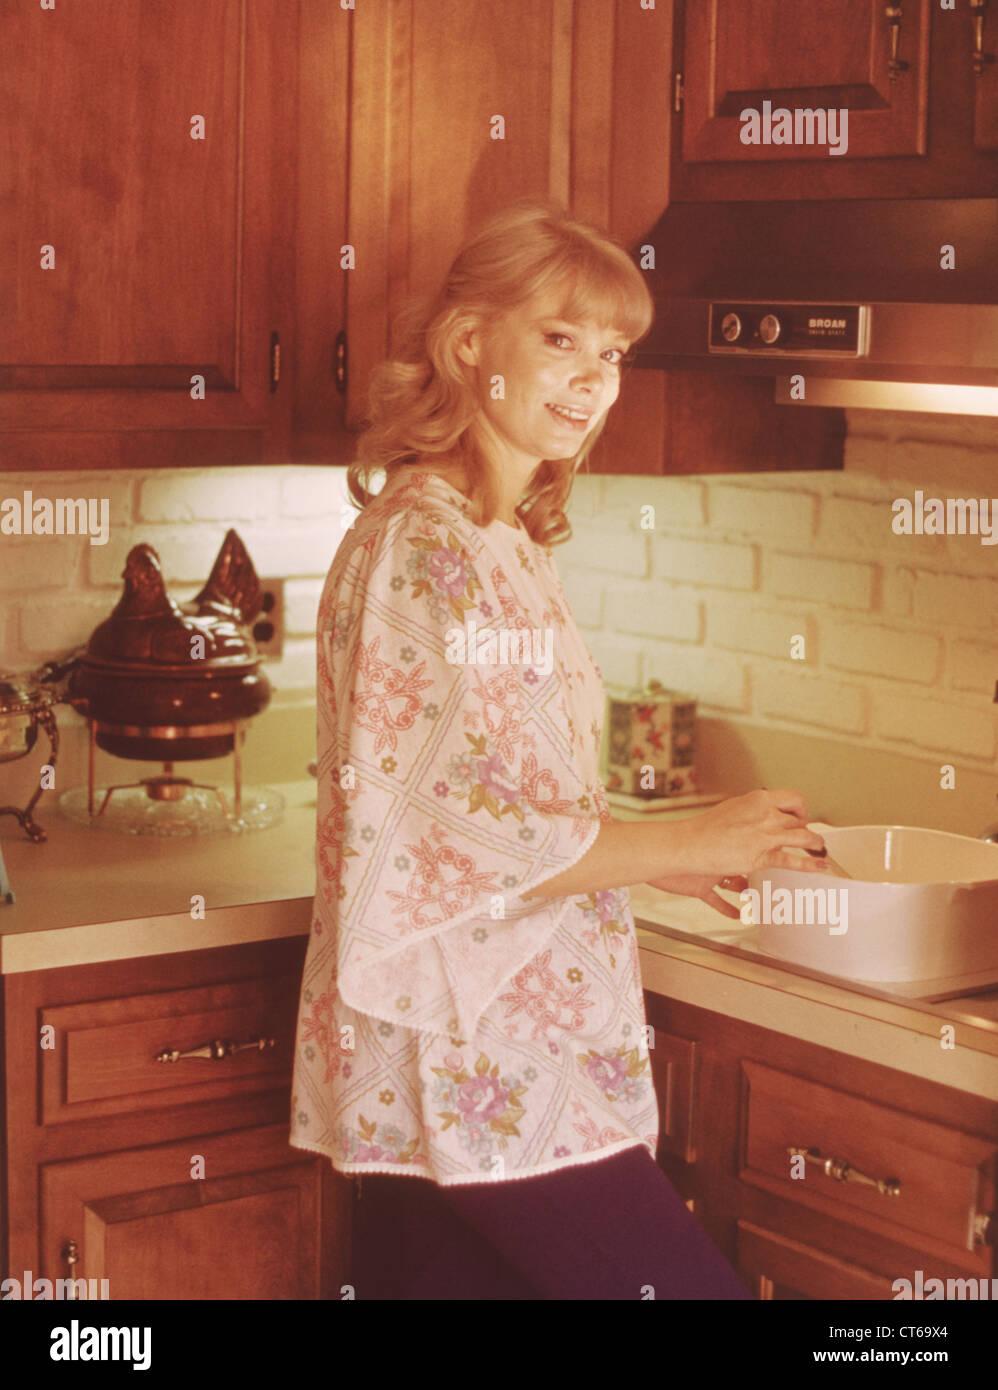 Vintage Kitchen Housewife Stockfotos & Vintage Kitchen Housewife ...